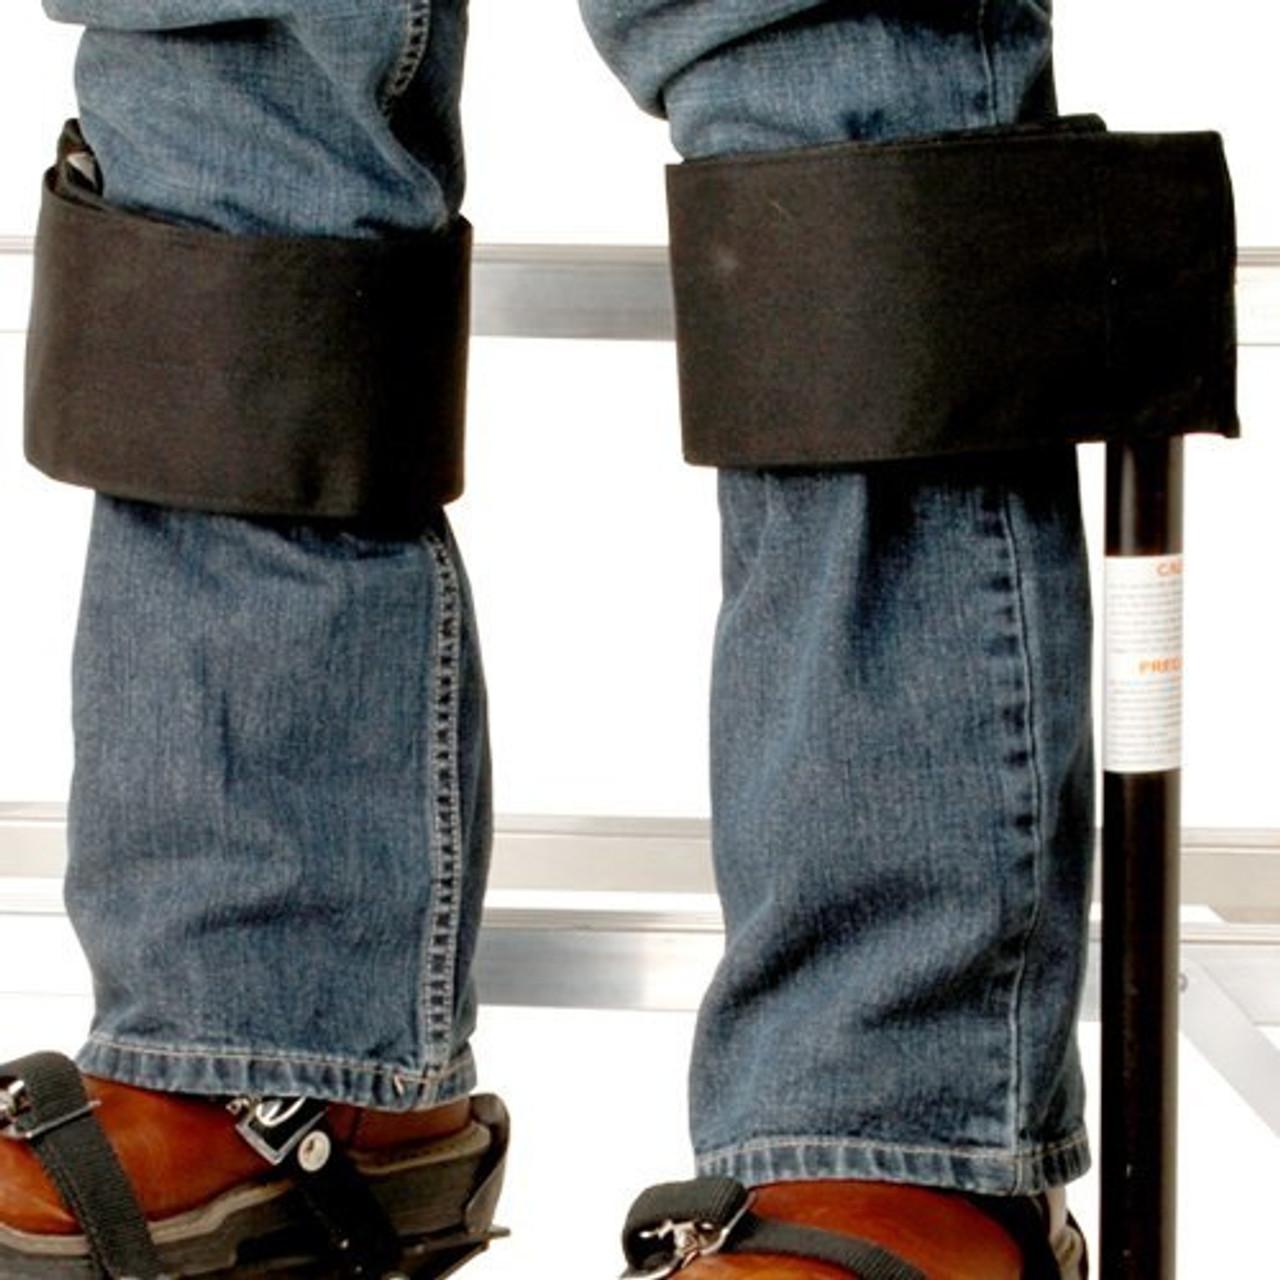 Stilt Parts & Accessories